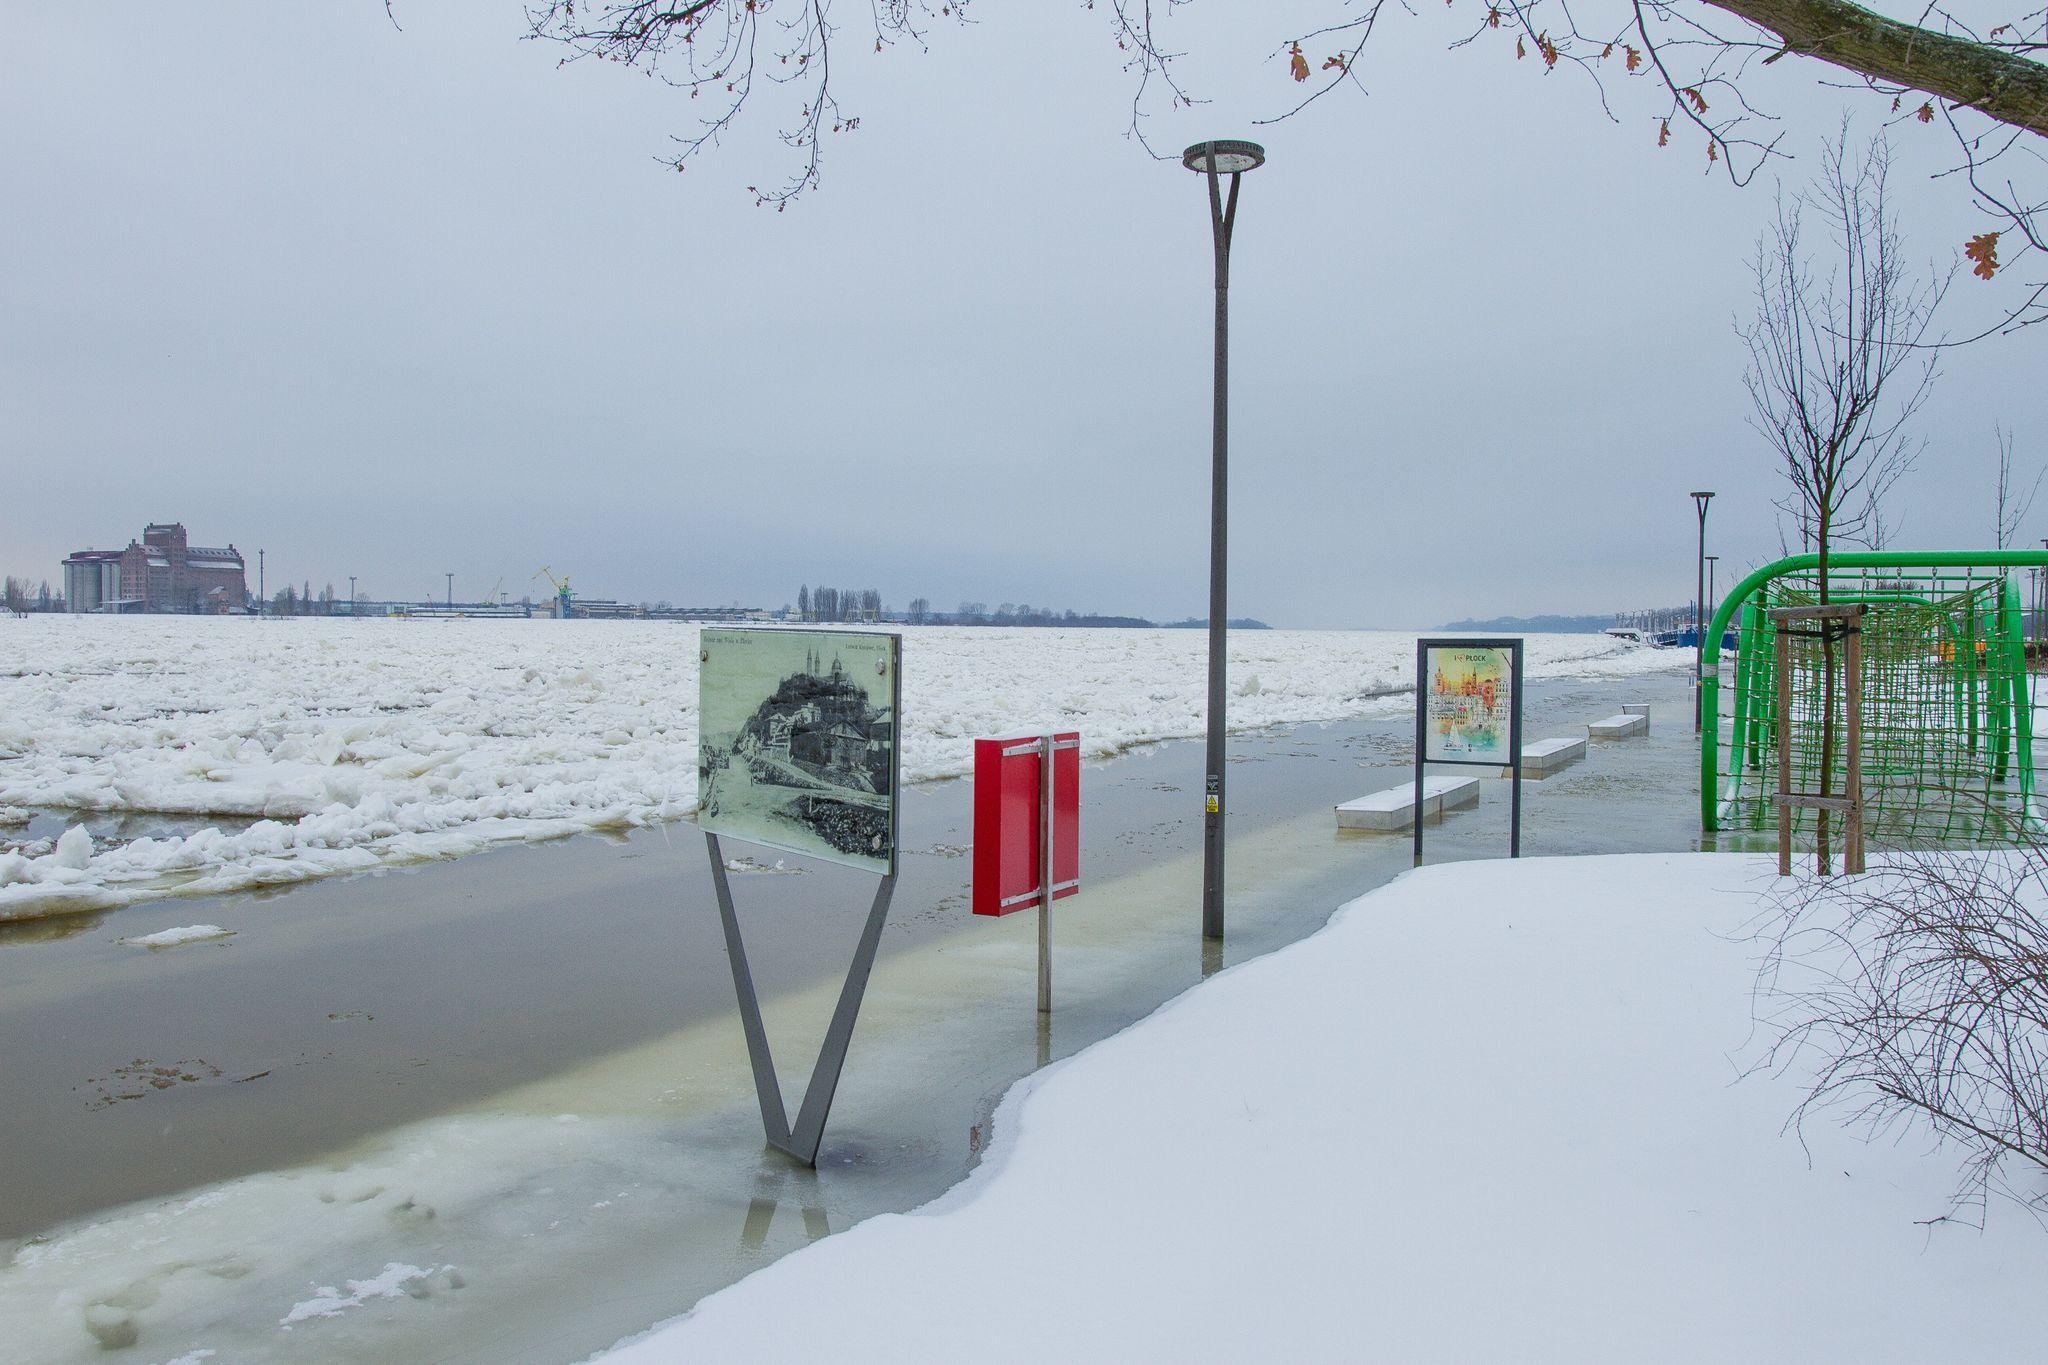 Sytuacja wciąż jest poważna. Poziom wody w Wiśle nadal wysoki - Zdjęcie główne